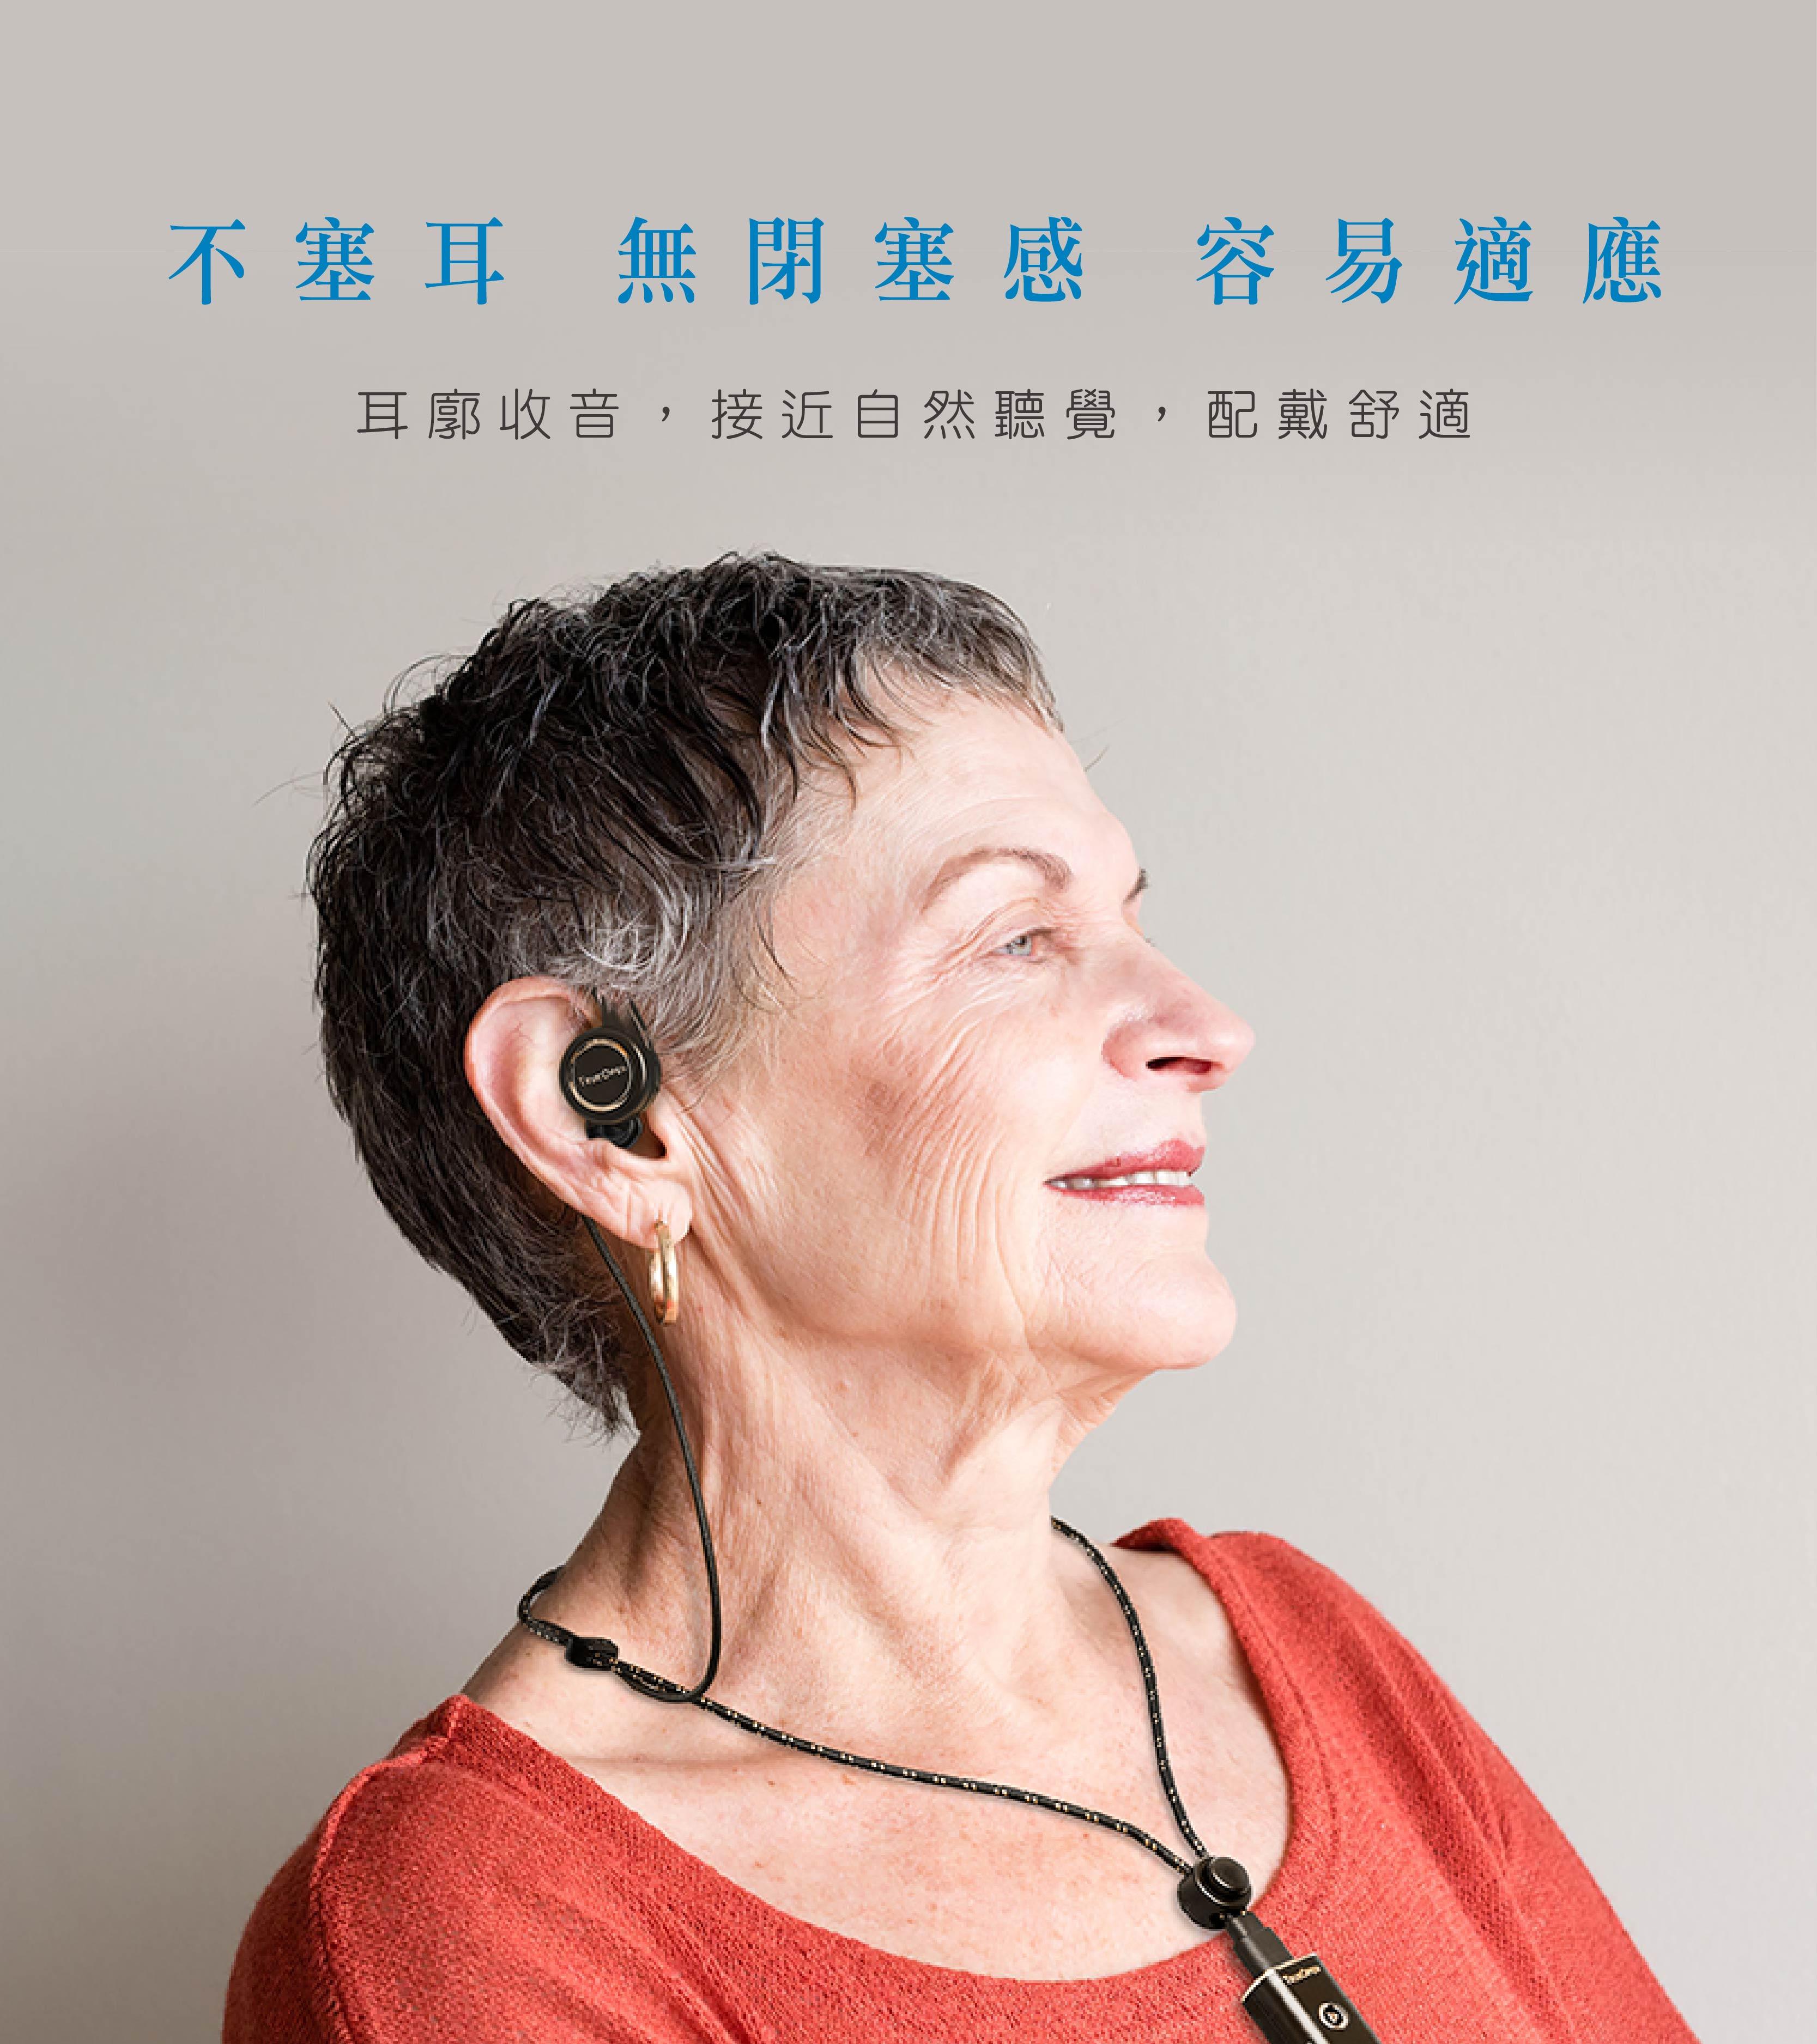 耳廓收音,接近自然聽覺,配戴舒適